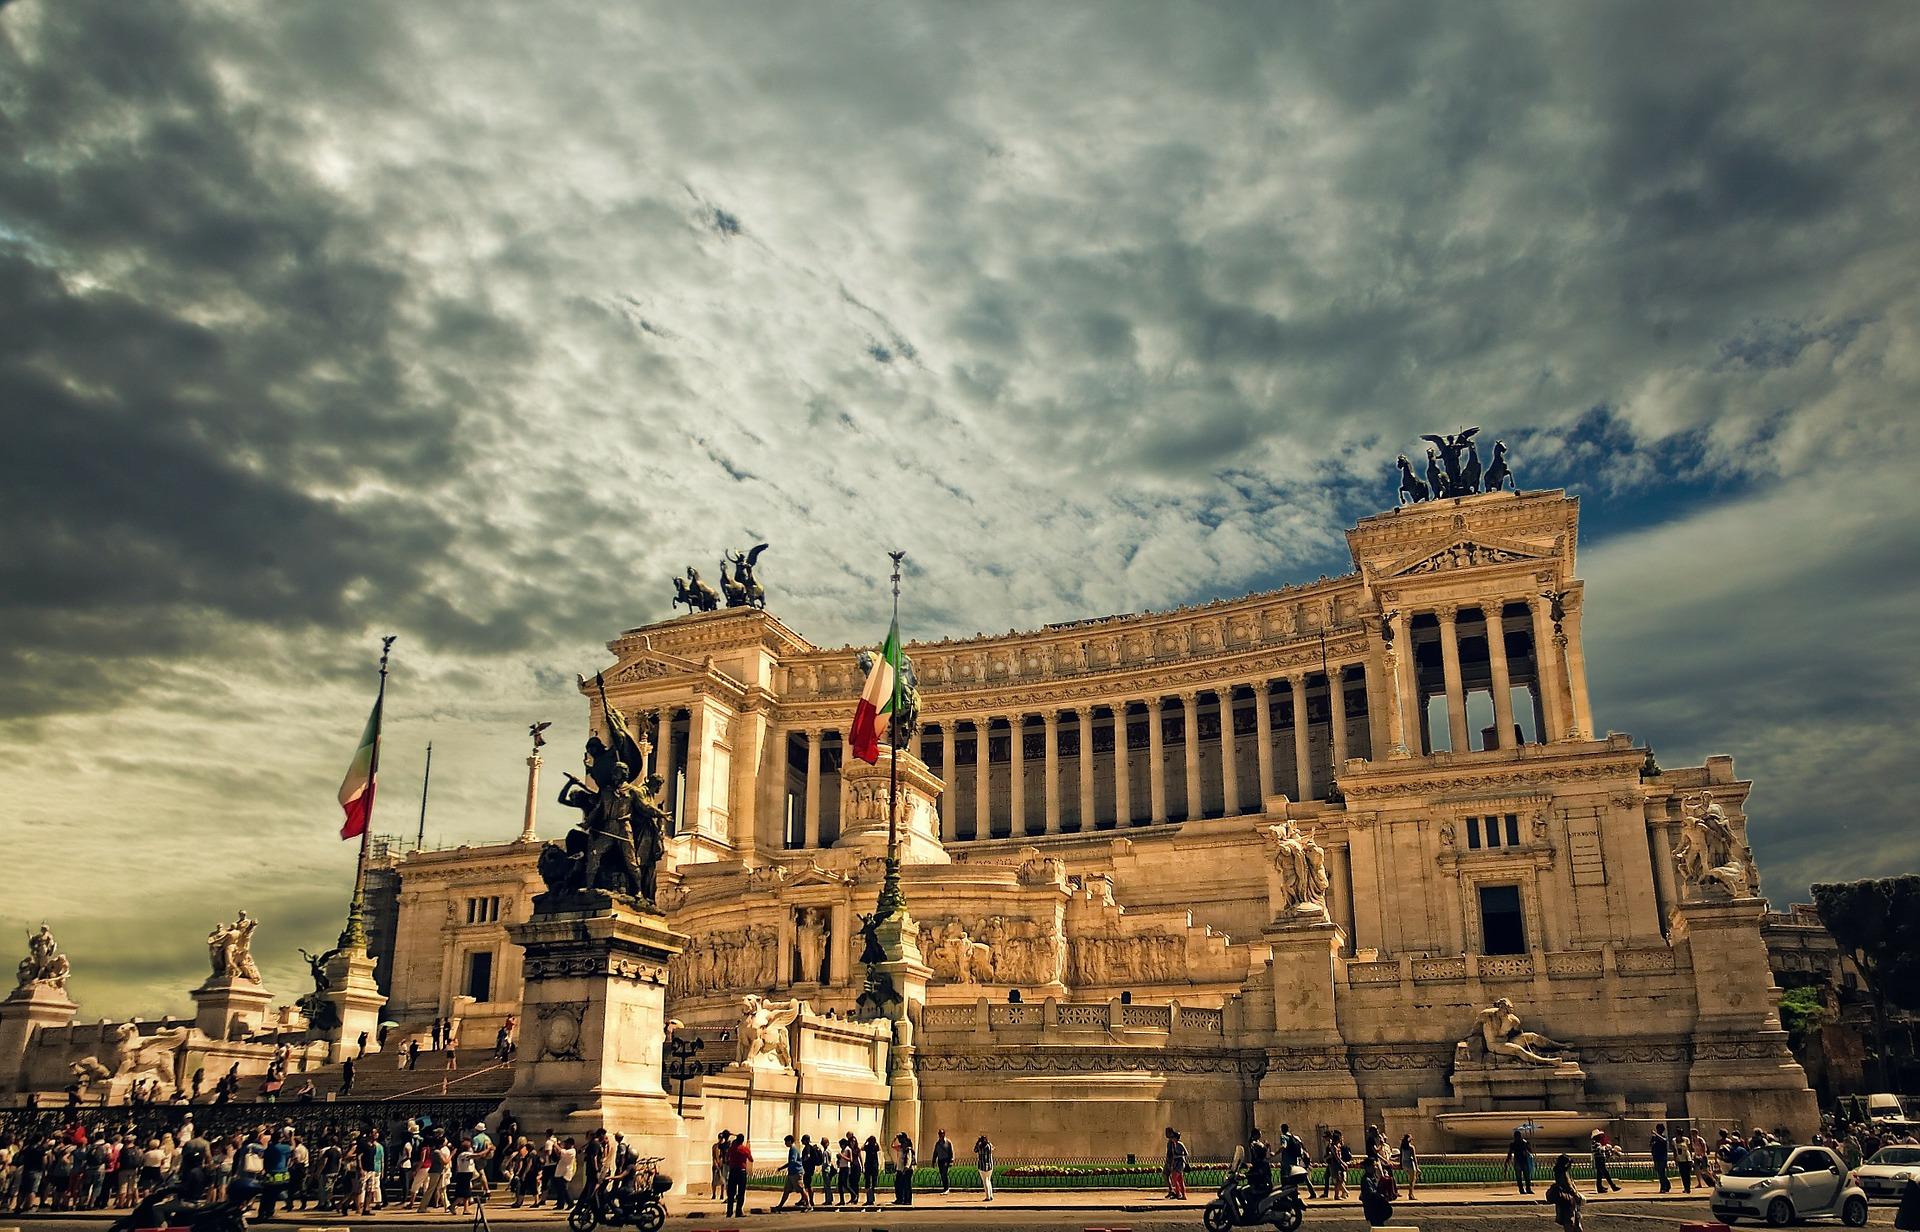 Monumentos + História + Beleza Arquitetônica = Roma